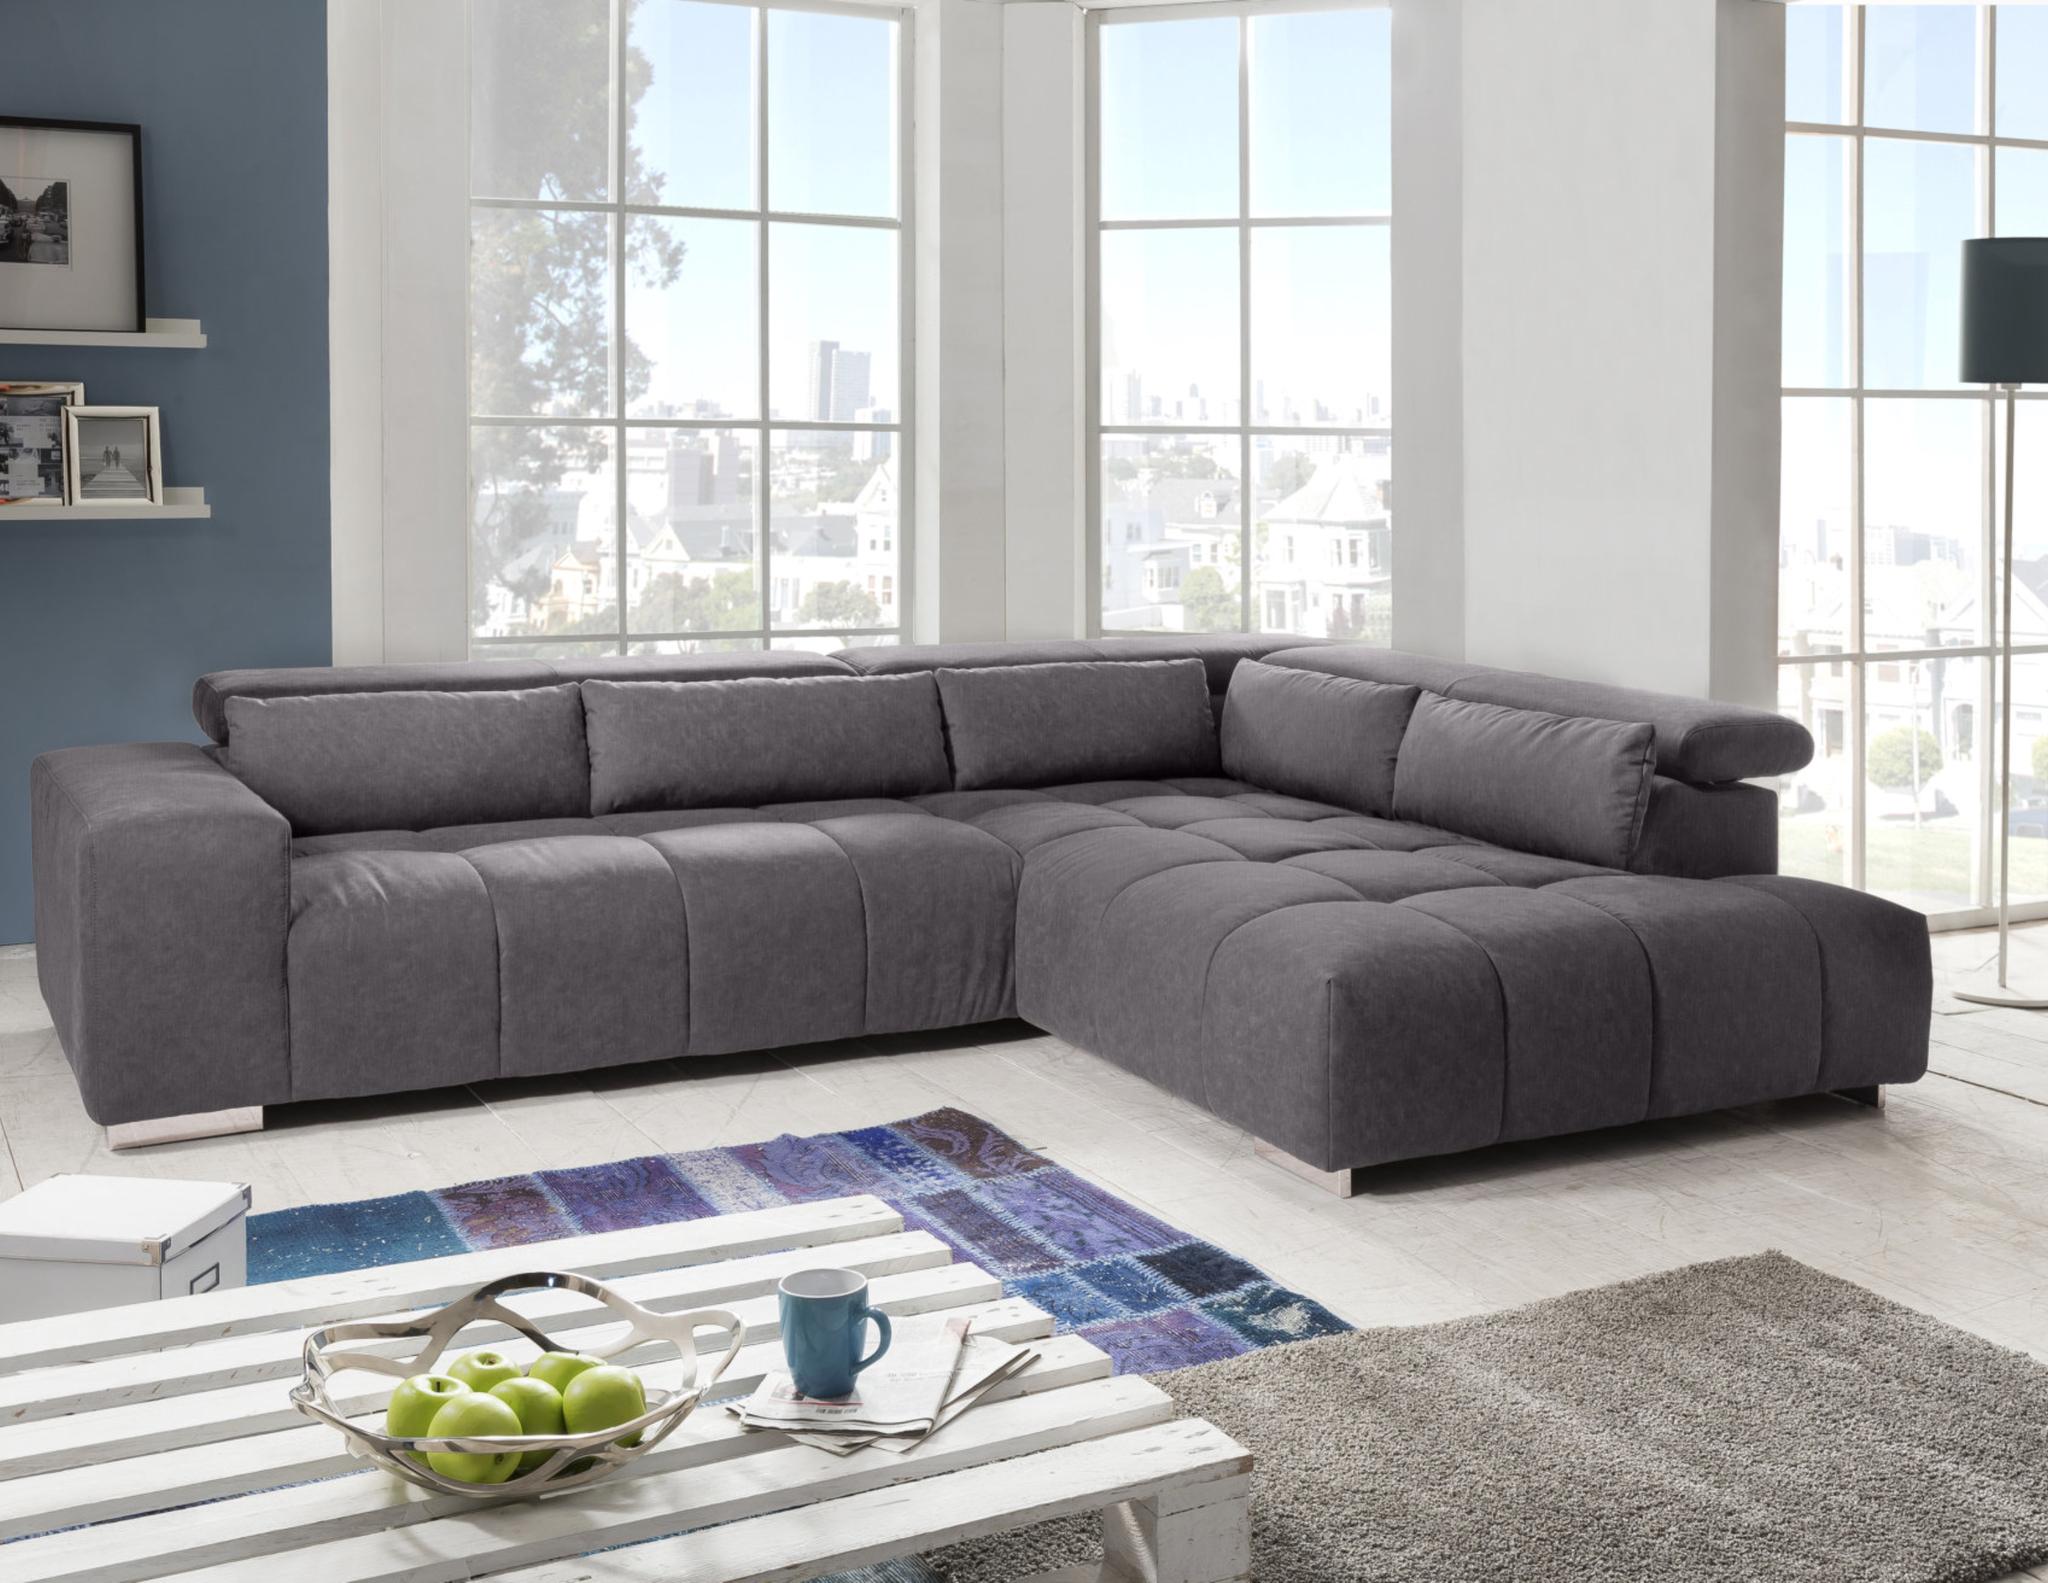 myCouch Sofa Orion online günstig kaufen - online bei discomoebel.shop